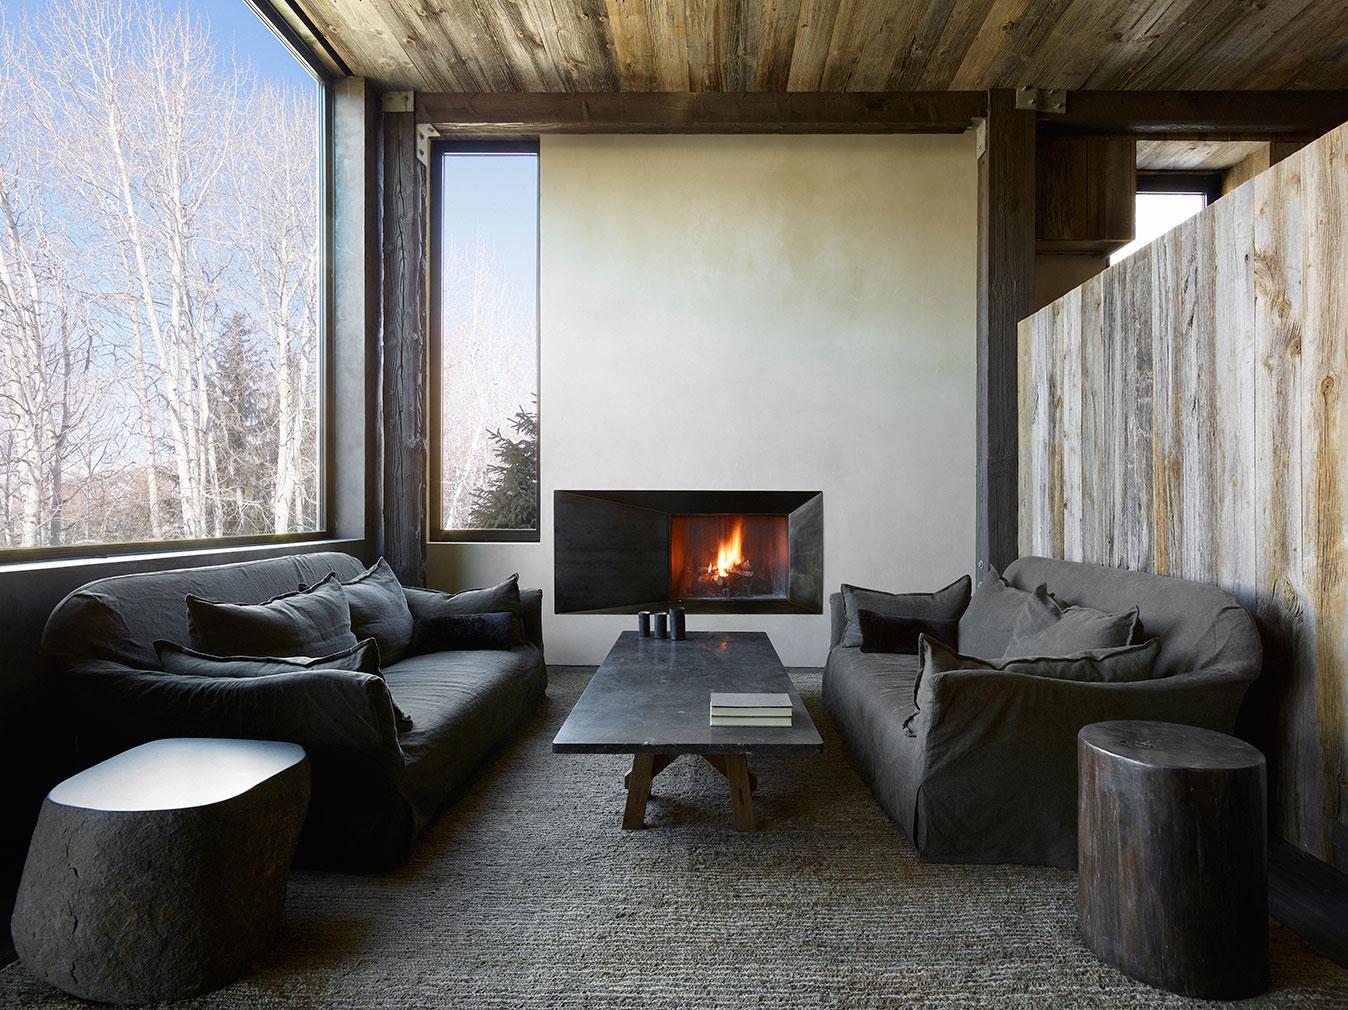 Views modern chalet architecture in canada best of interior design - Chalet Design La Muna Designed By Chad Oppenheim